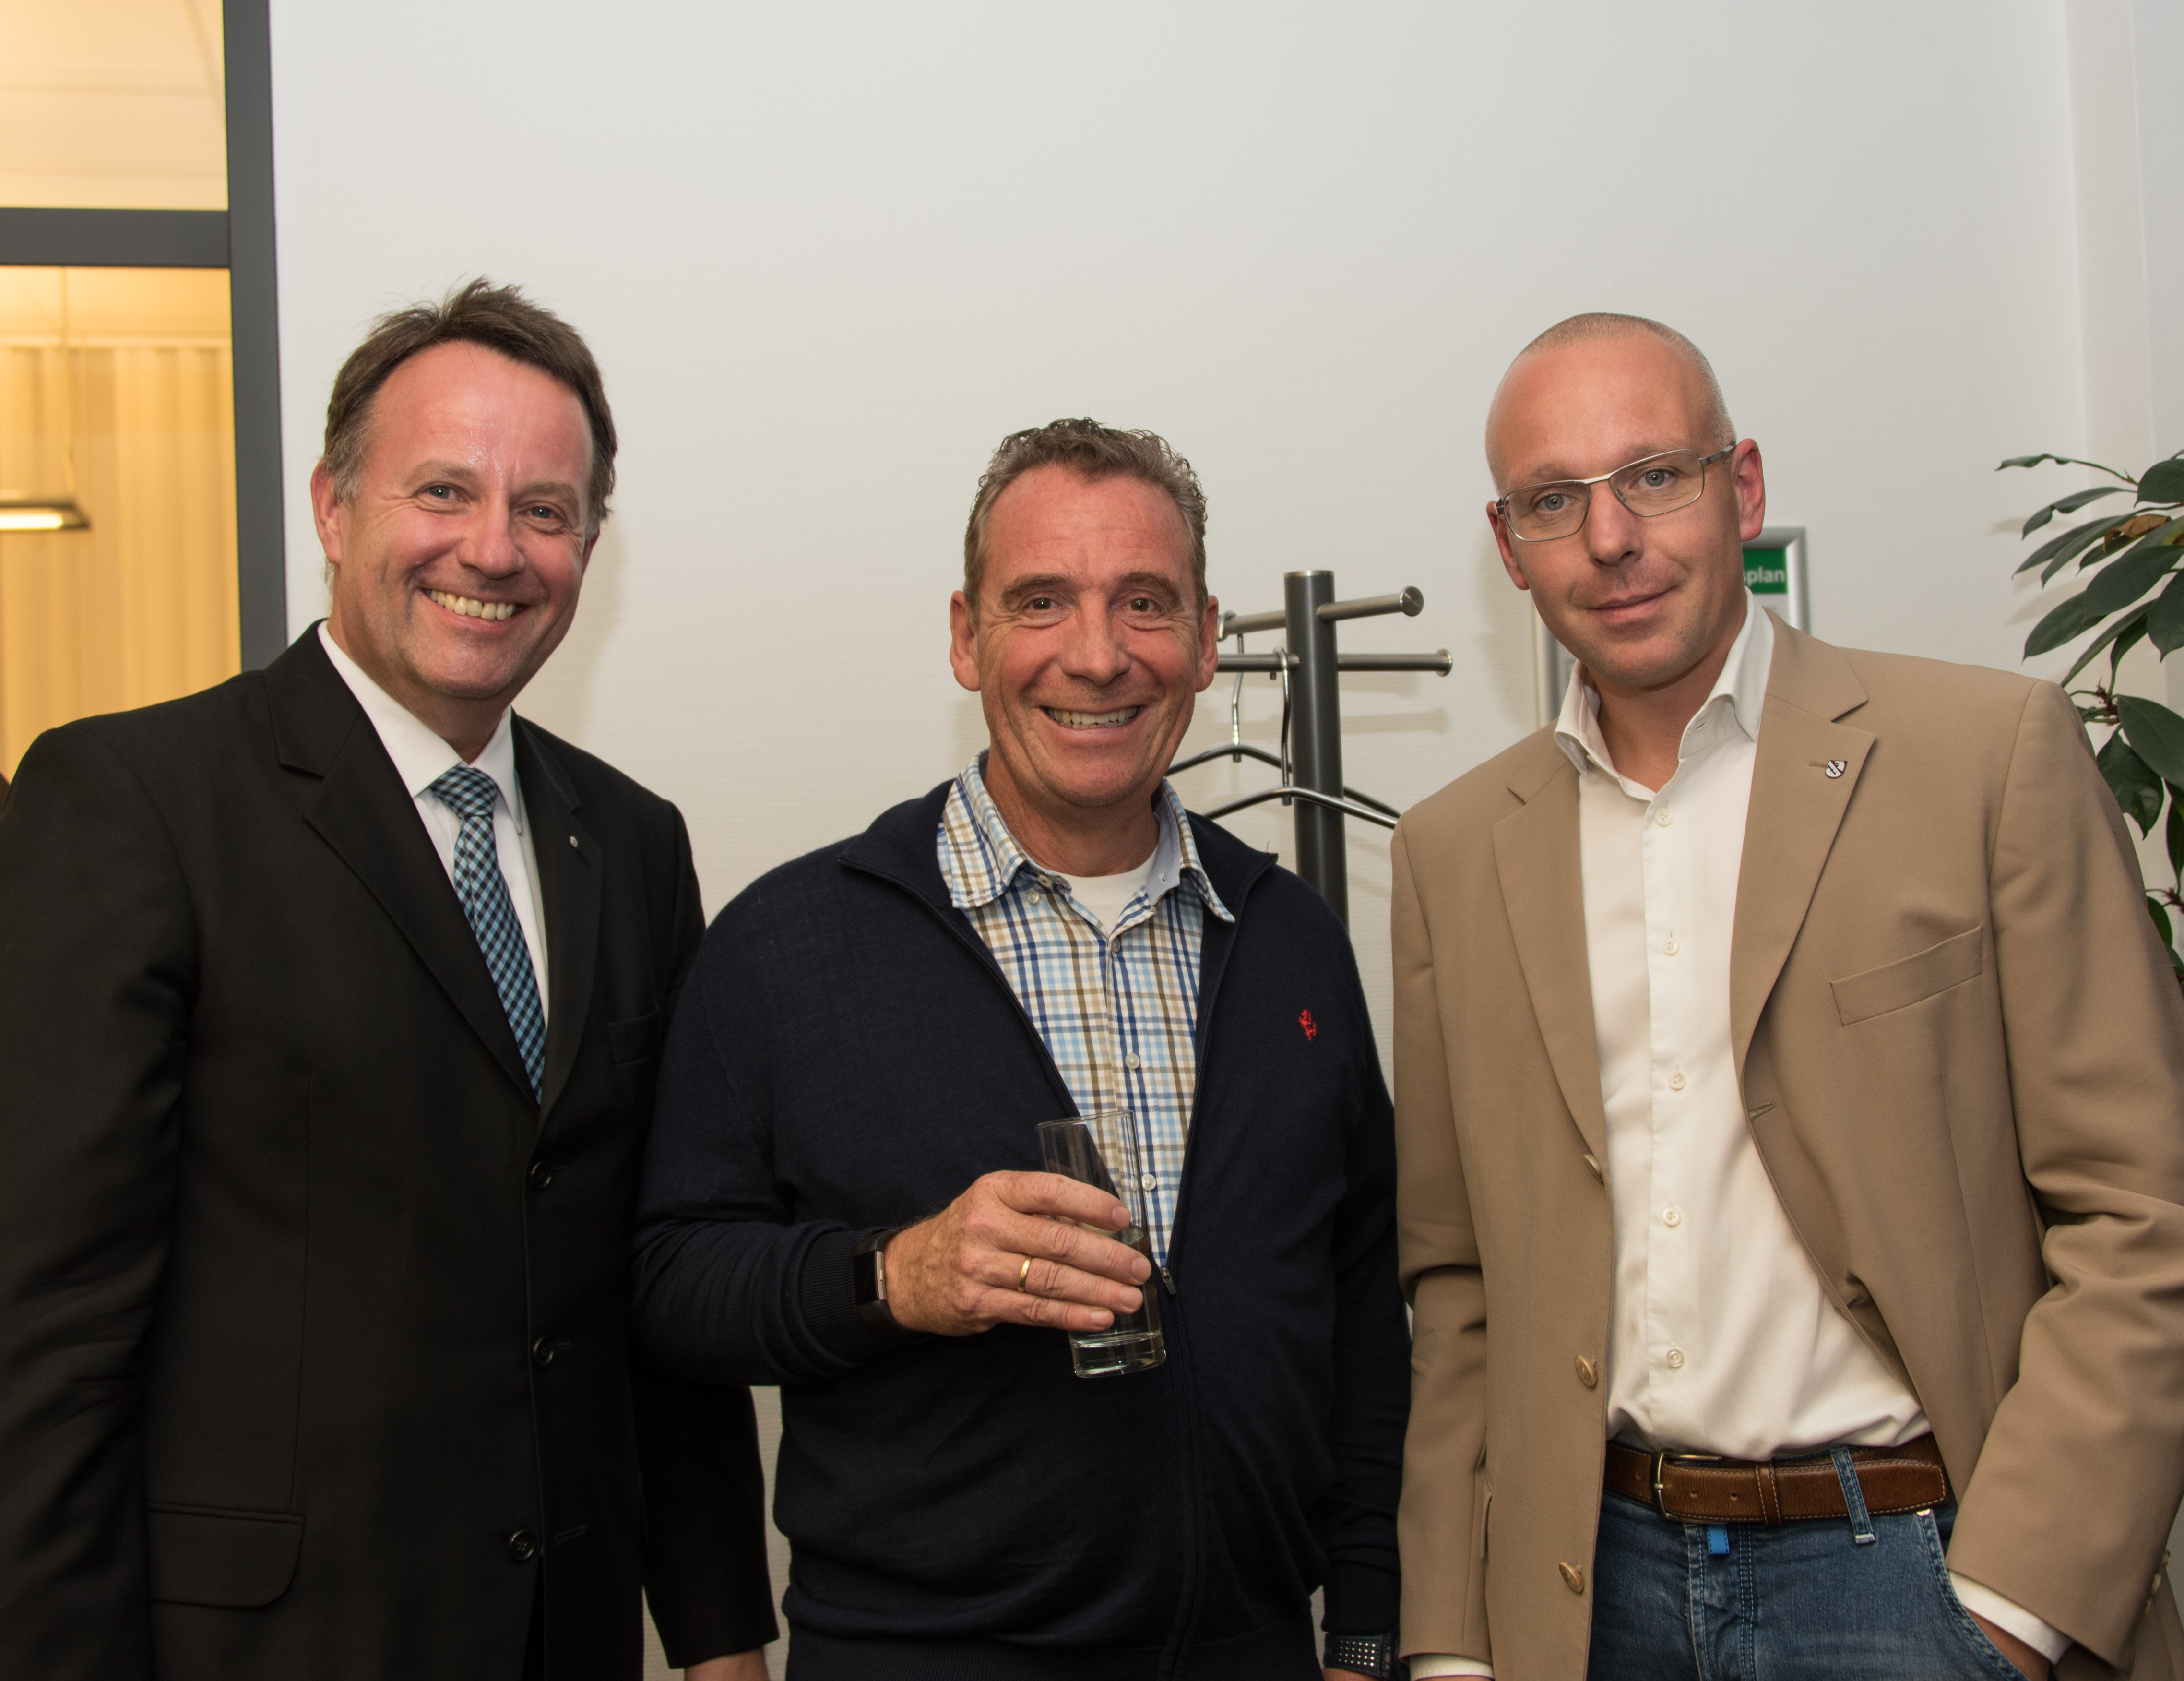 vl. Dirk Breuckmann, Jens Asmuth, Axel Düker